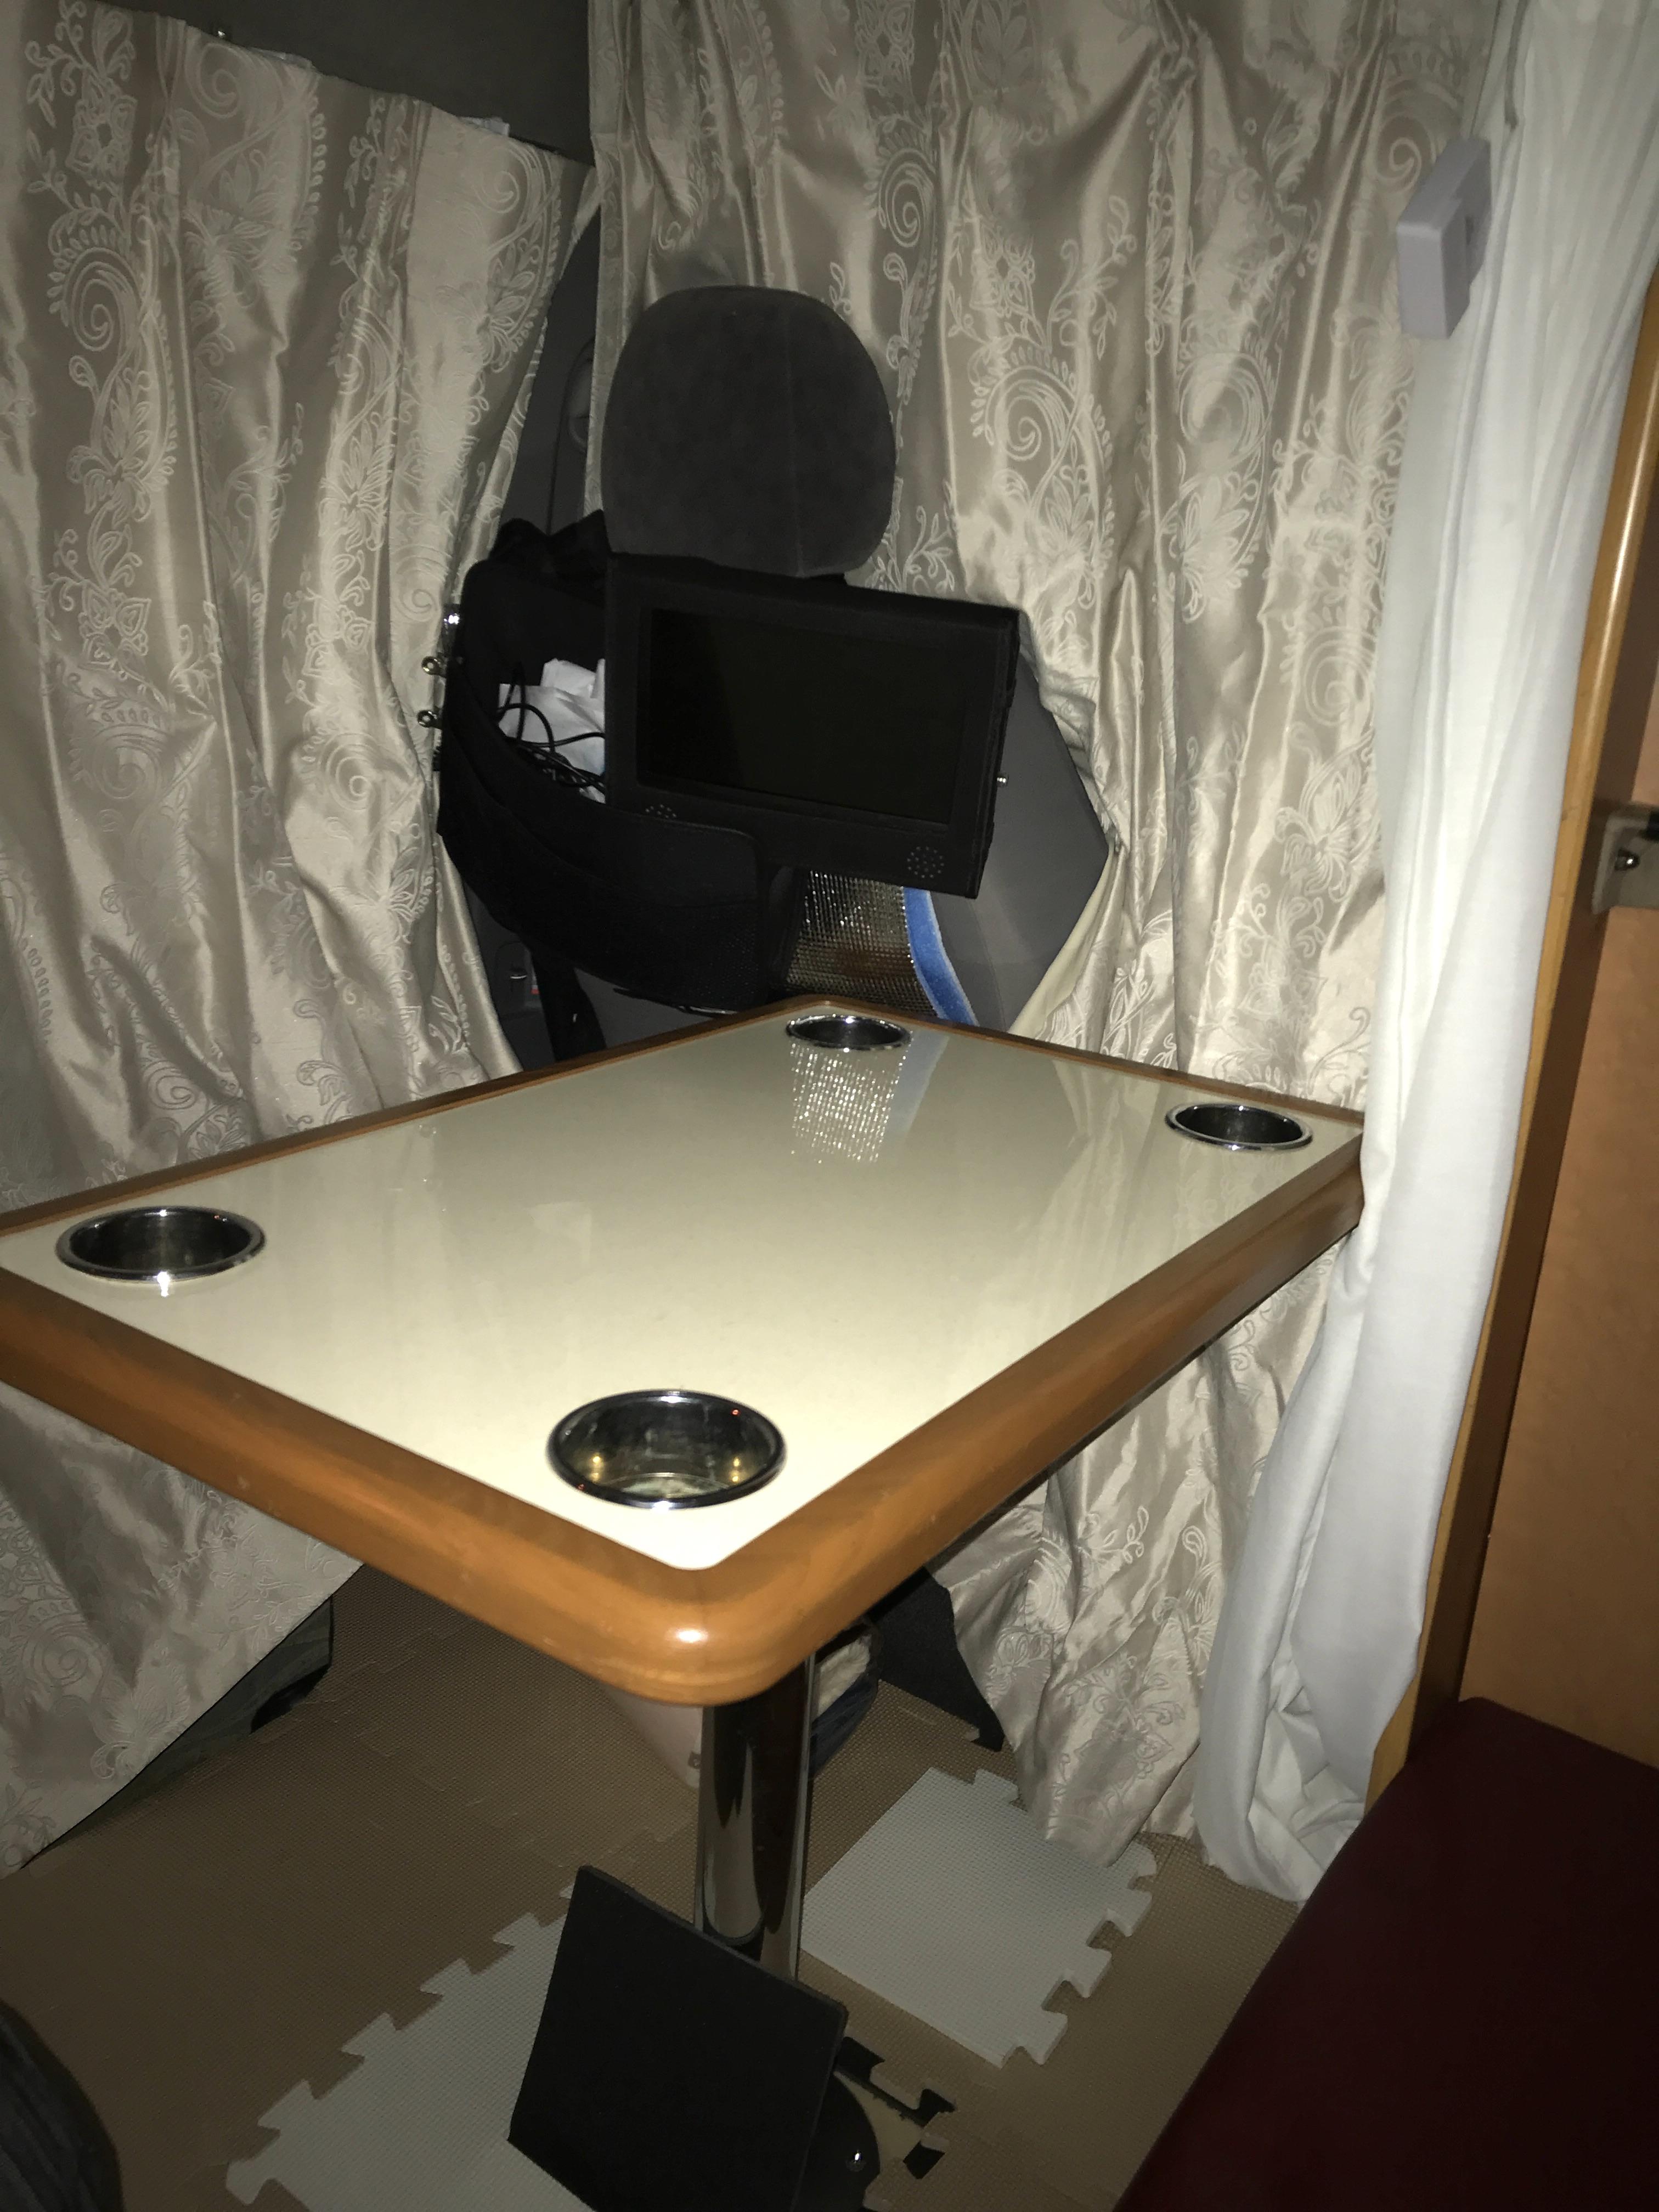 追加テーブル  ※ポータブルDVD/テレビもあります